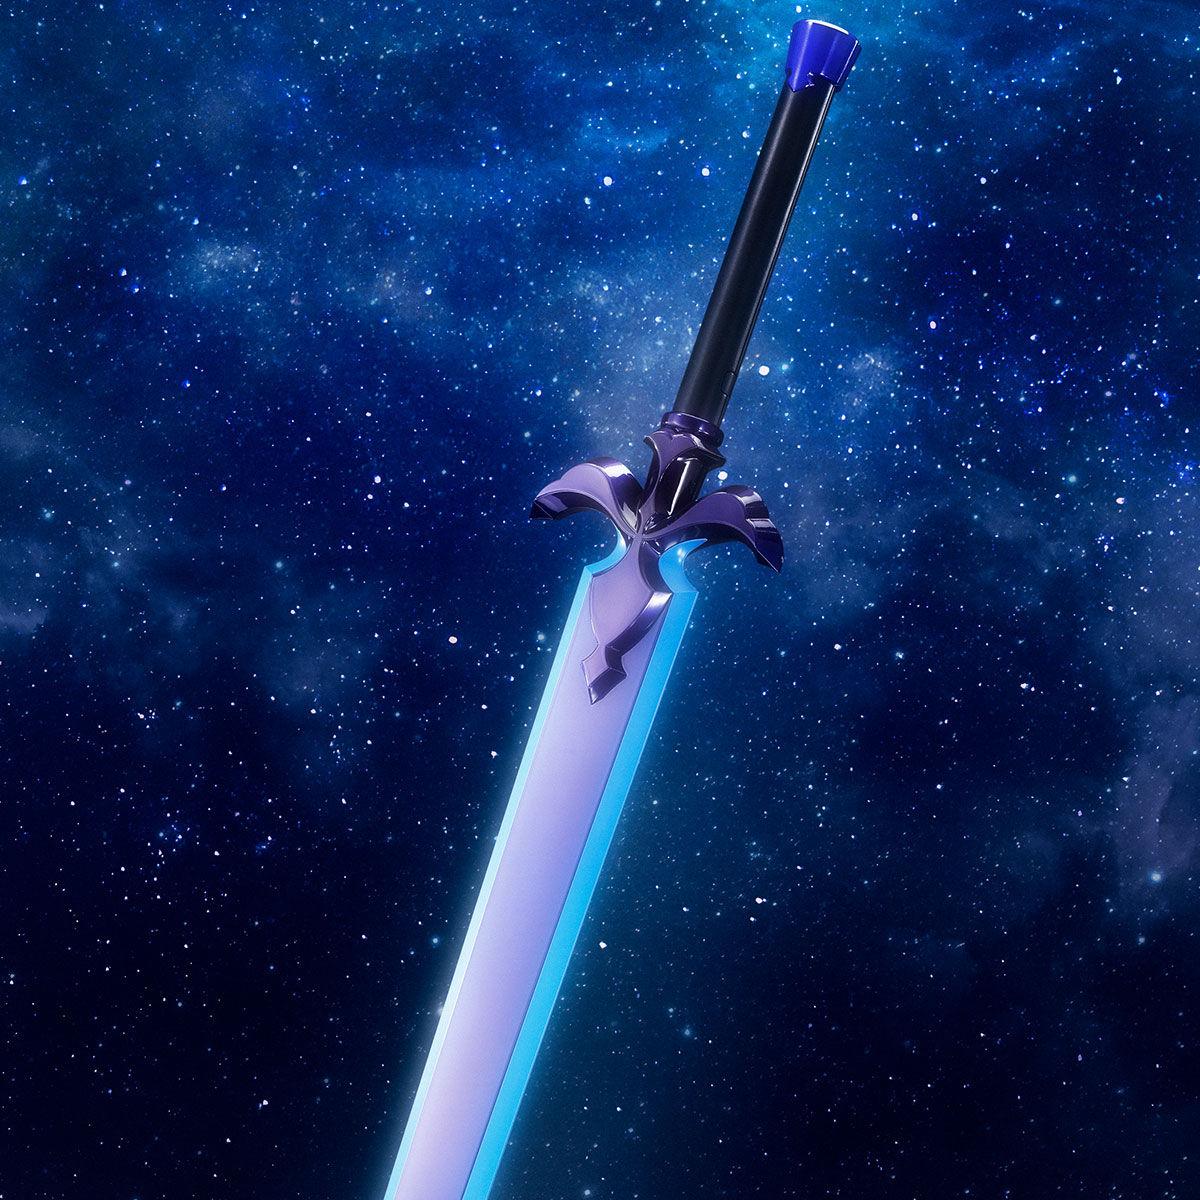 【限定販売】PROPLICA 『夜空の剣』ソードアート・オンライン 変身なりきり-002